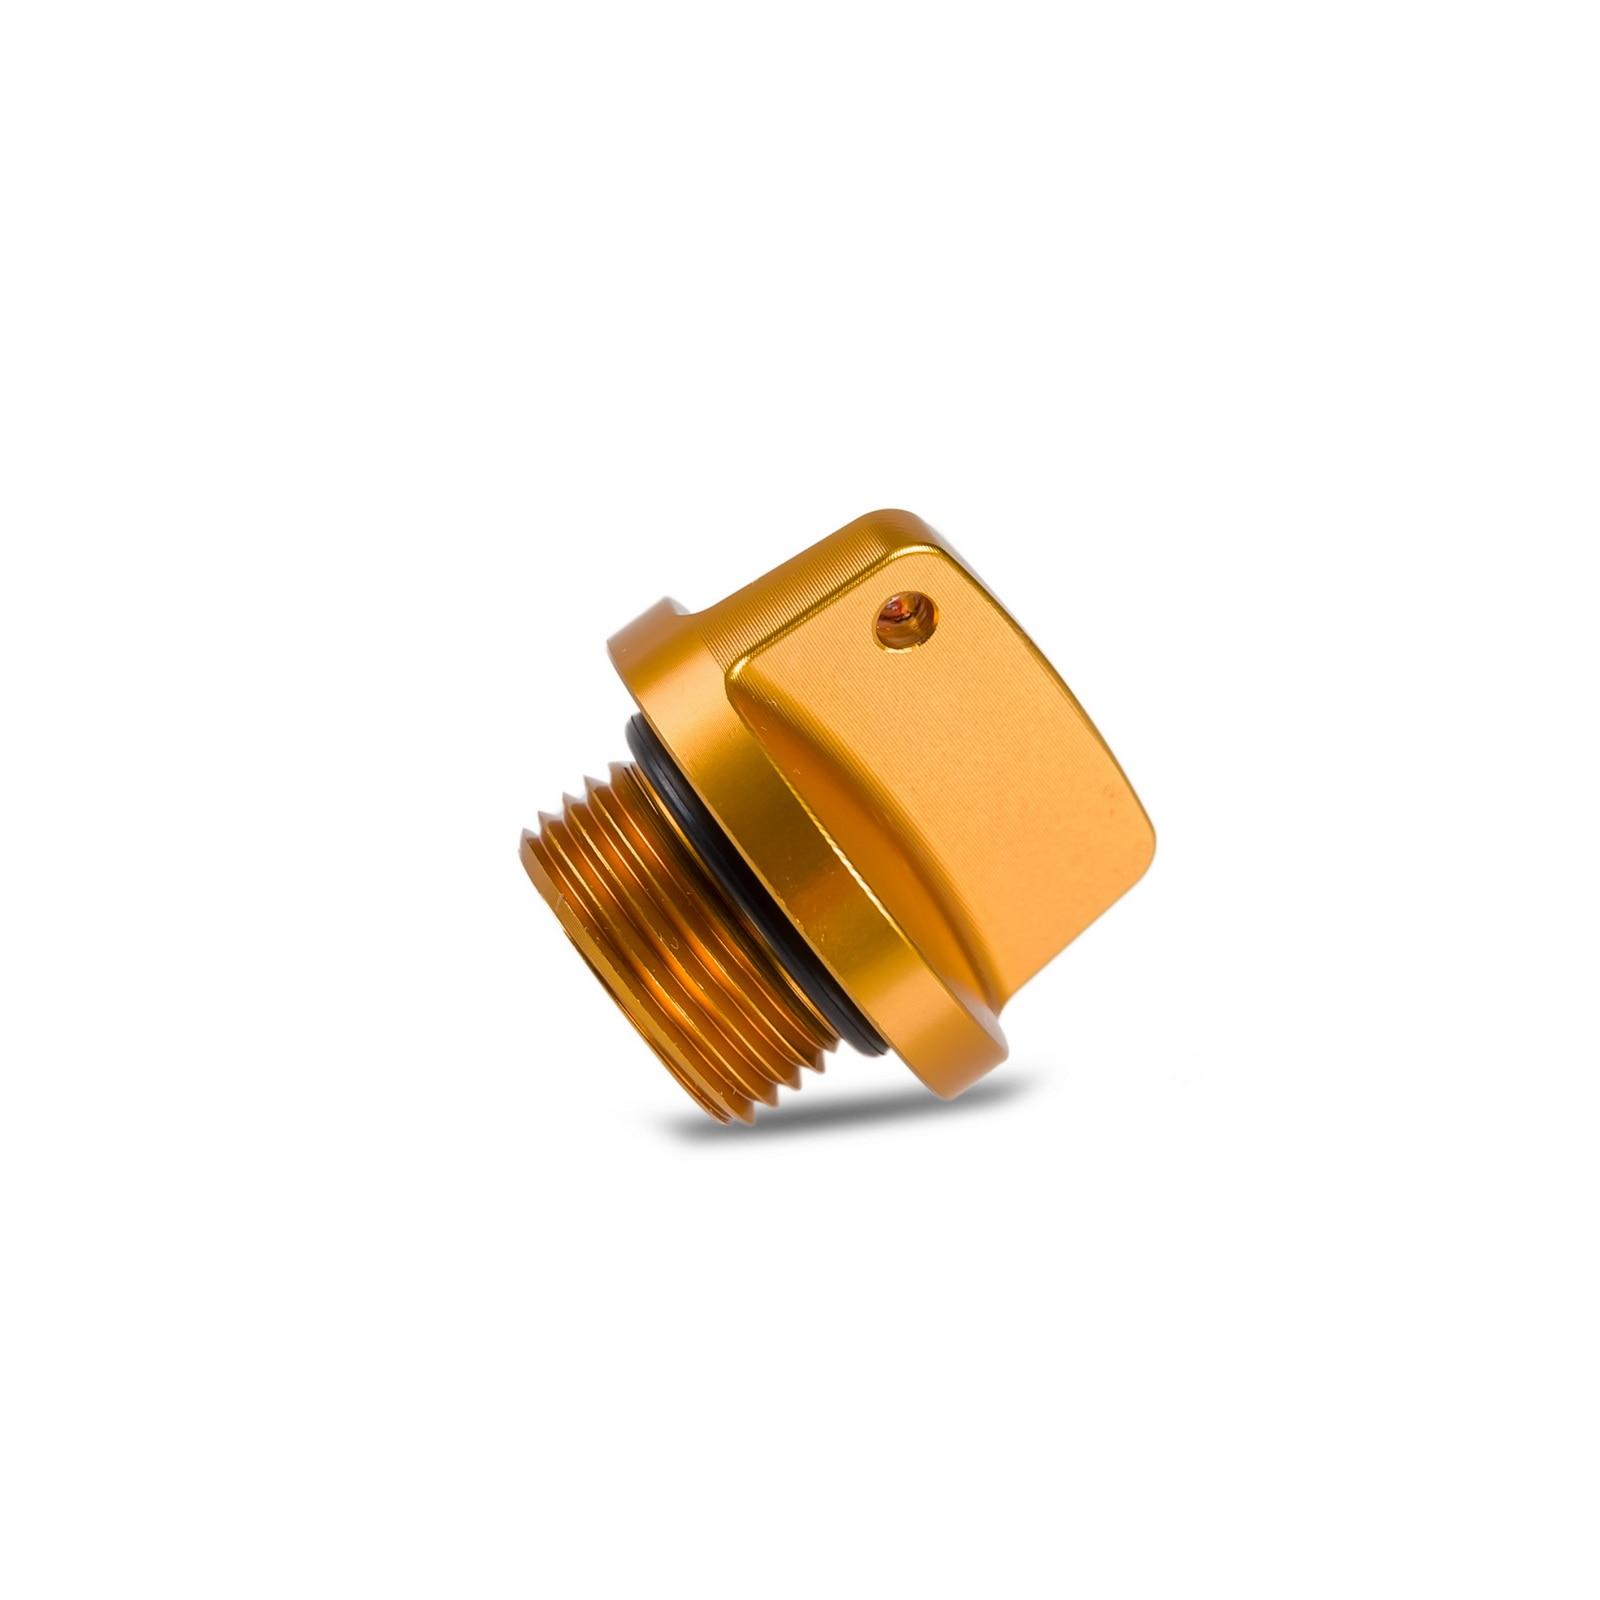 NICECNC масло заливной горловины для Suzuki GSXR 600 750 1000 GSXS ГСР 250 400 ГСФ 1200 1250 бандит Иназума Impulus RMZ250 RMZ450 РМ 80 85